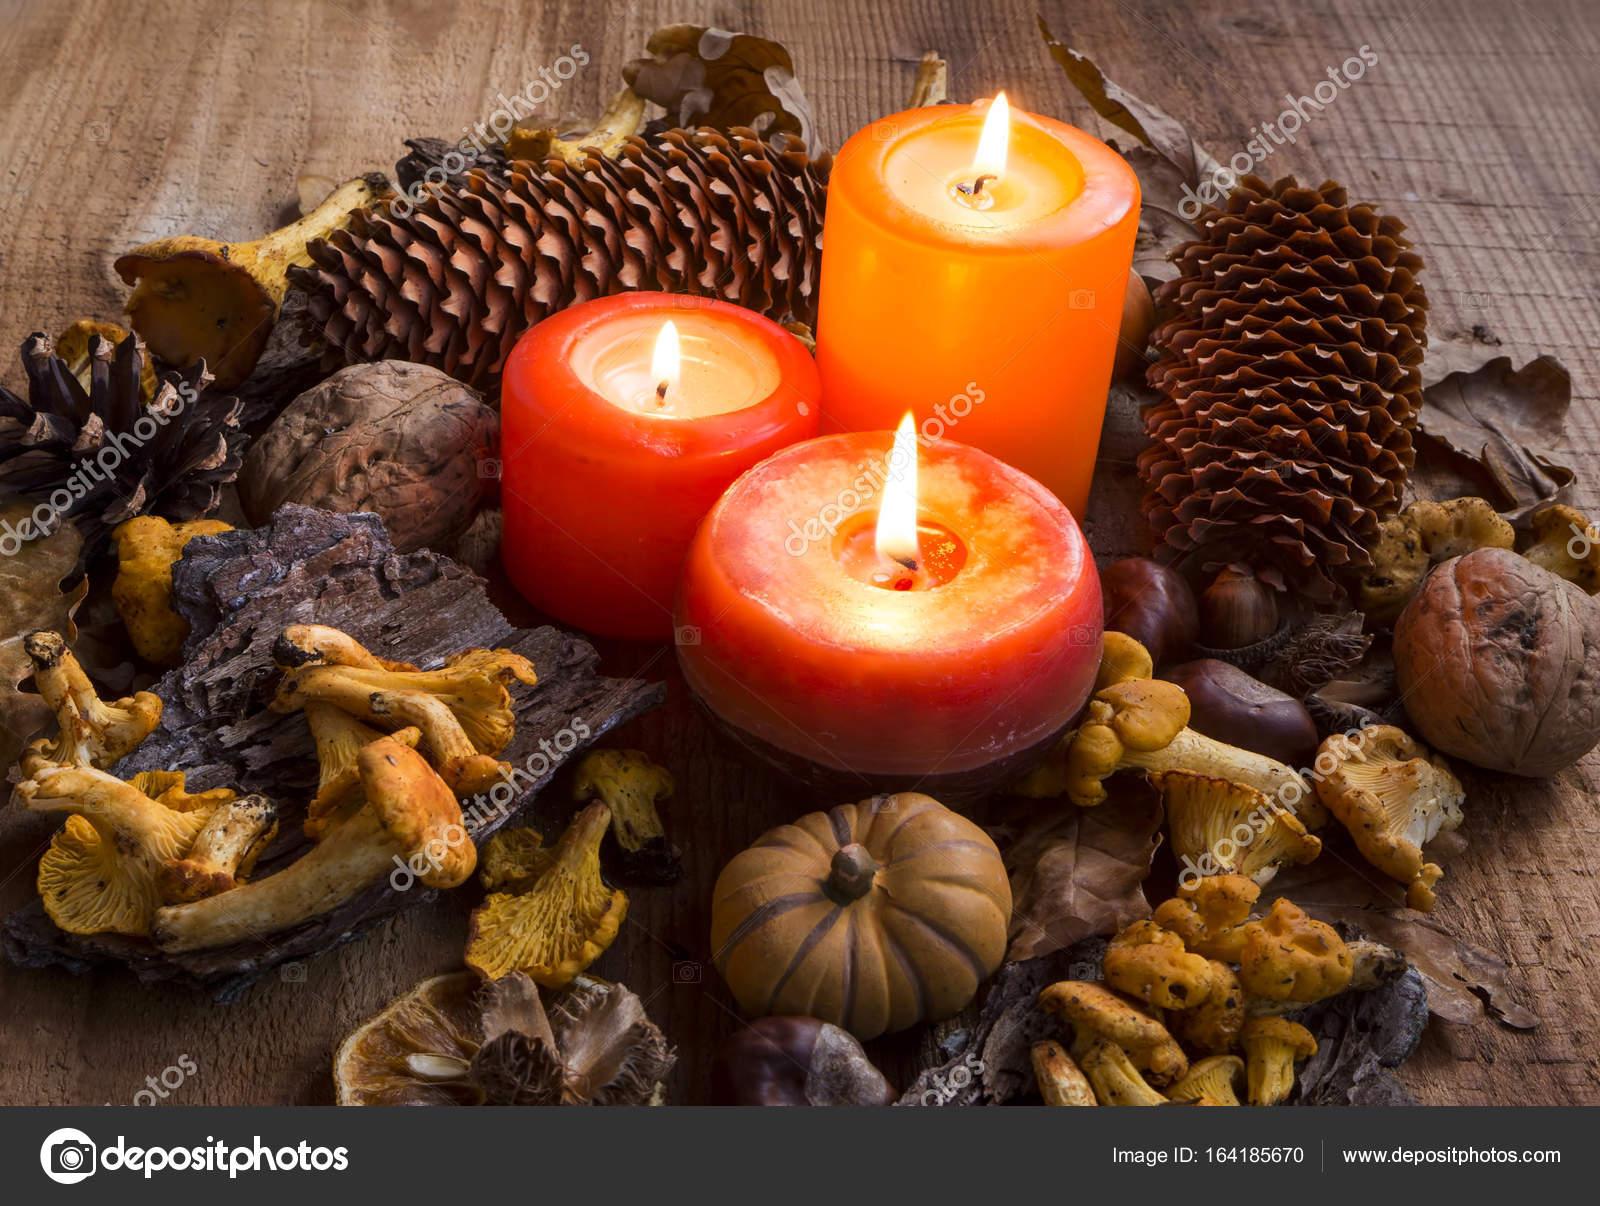 Cada velas decoraciones con hojas secas calabazas chanterell